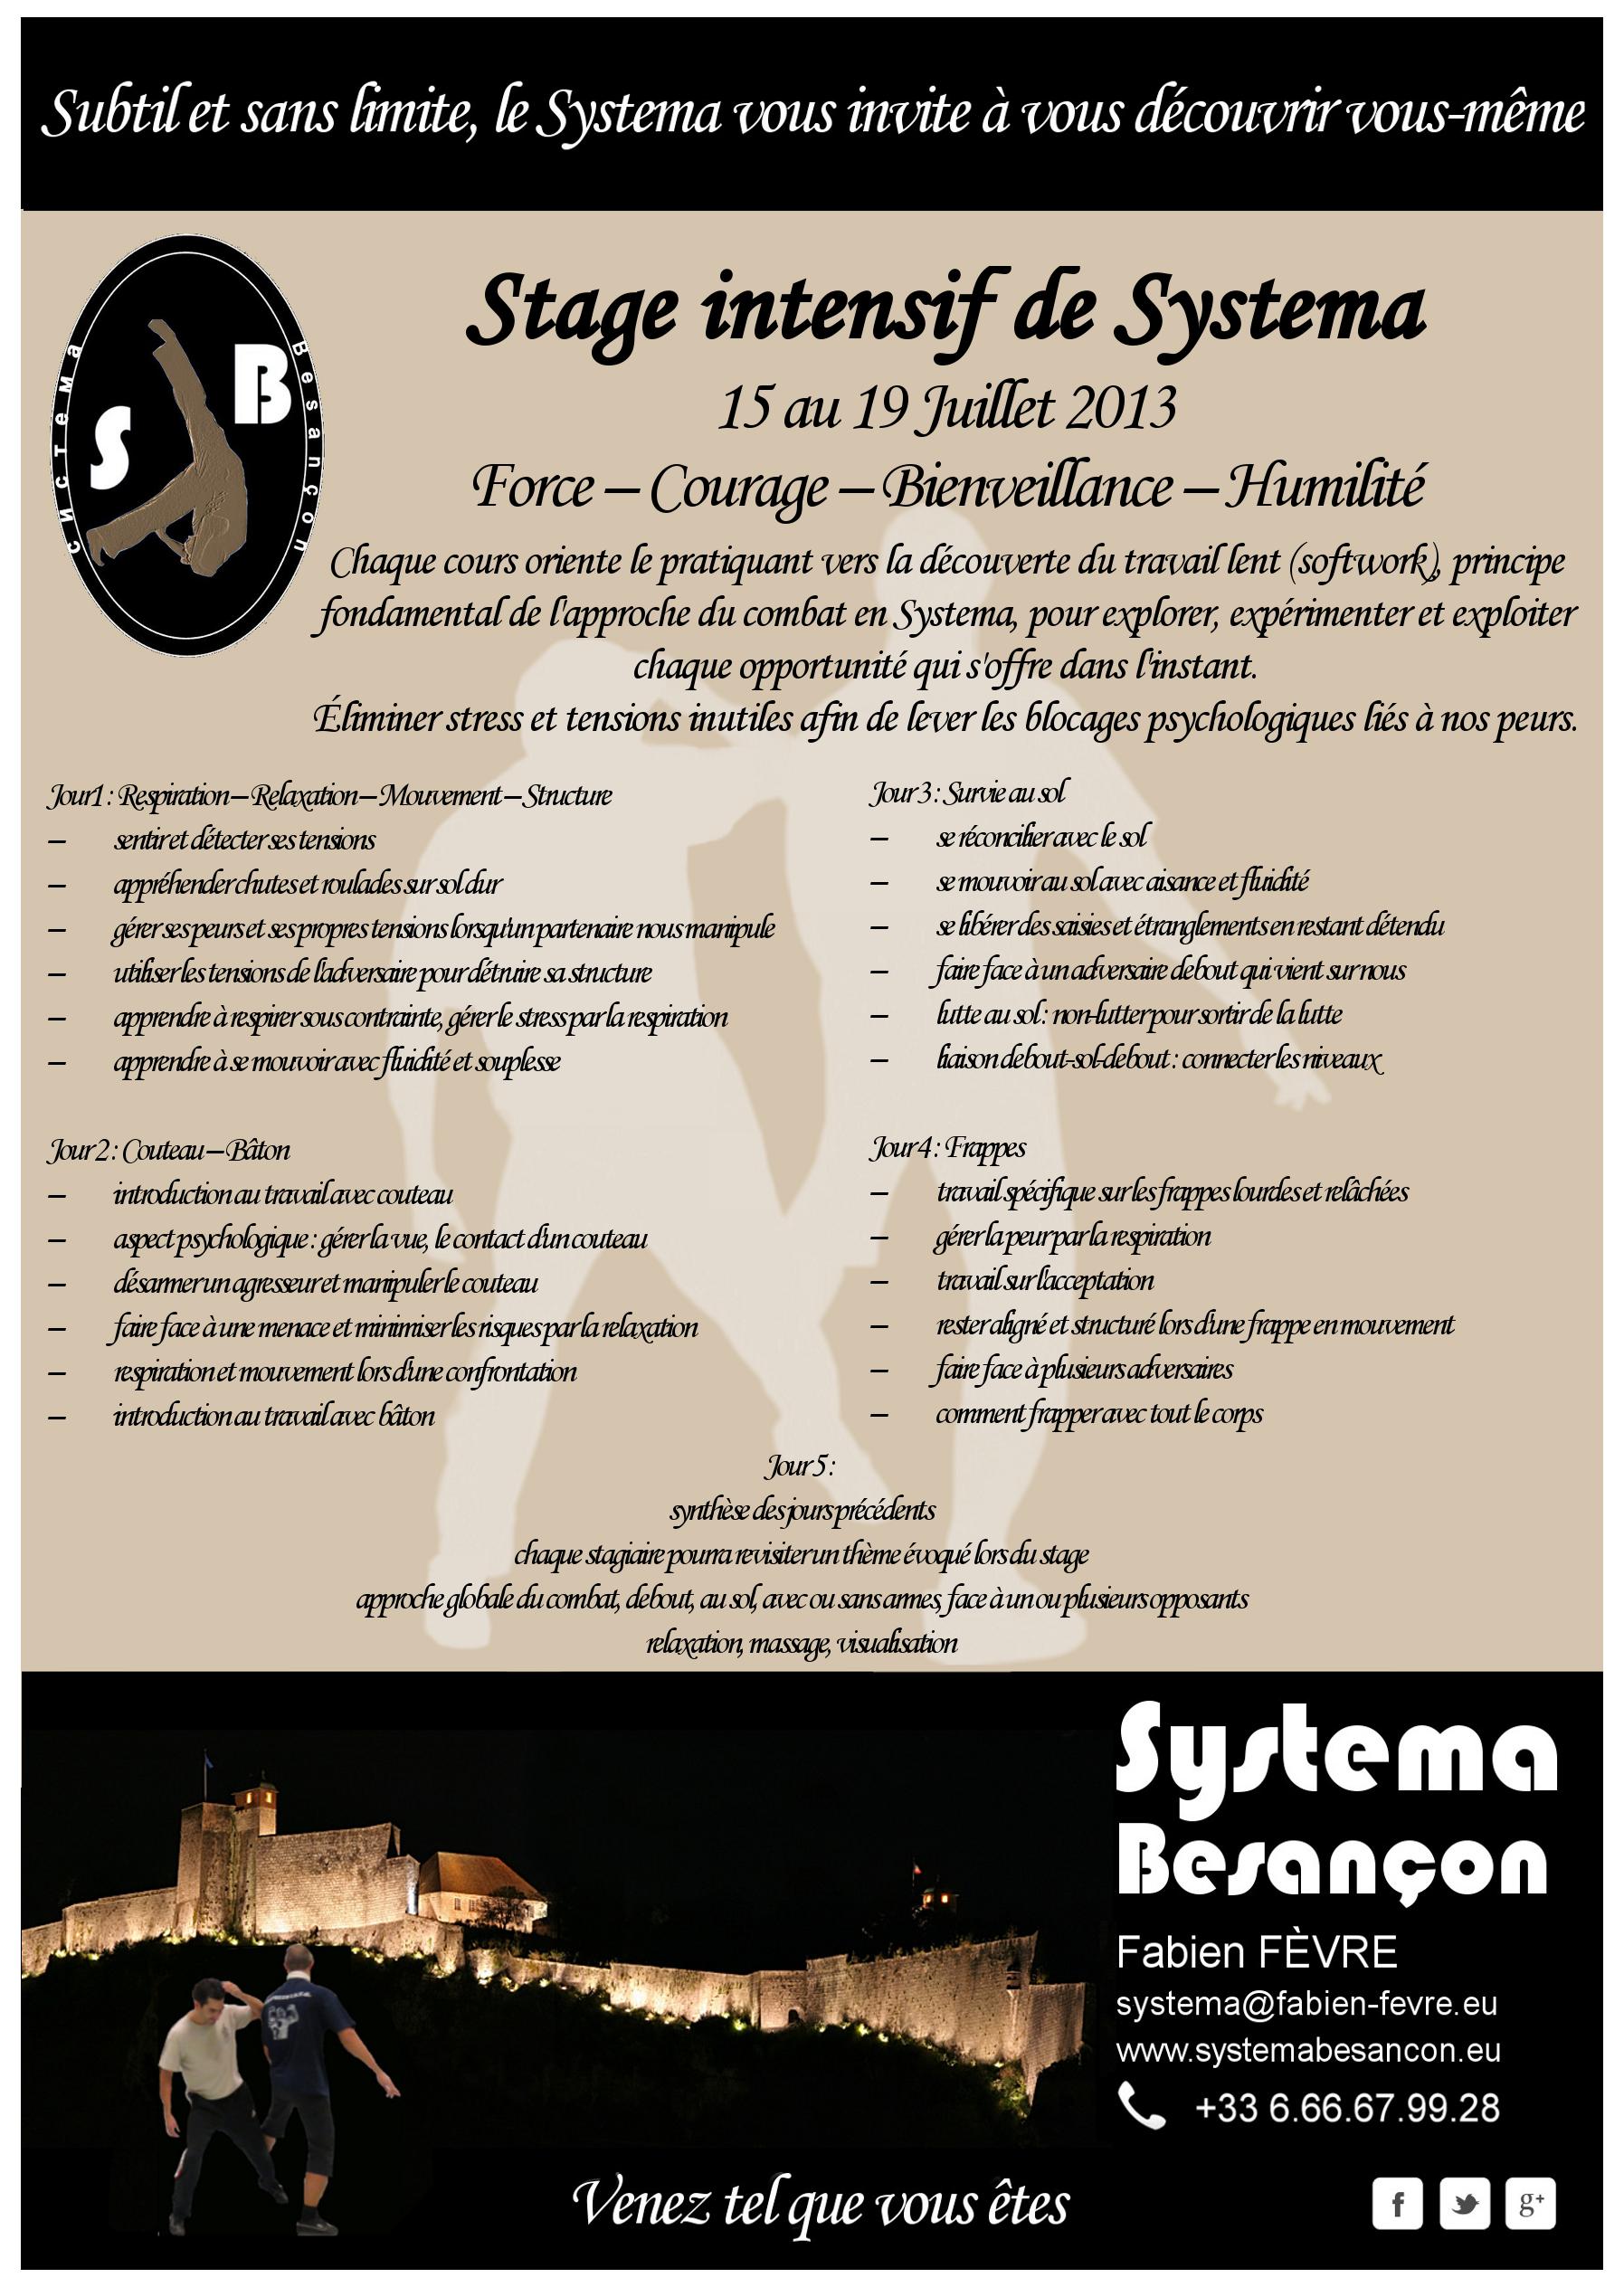 FlyerStageBesacJuillet13programme